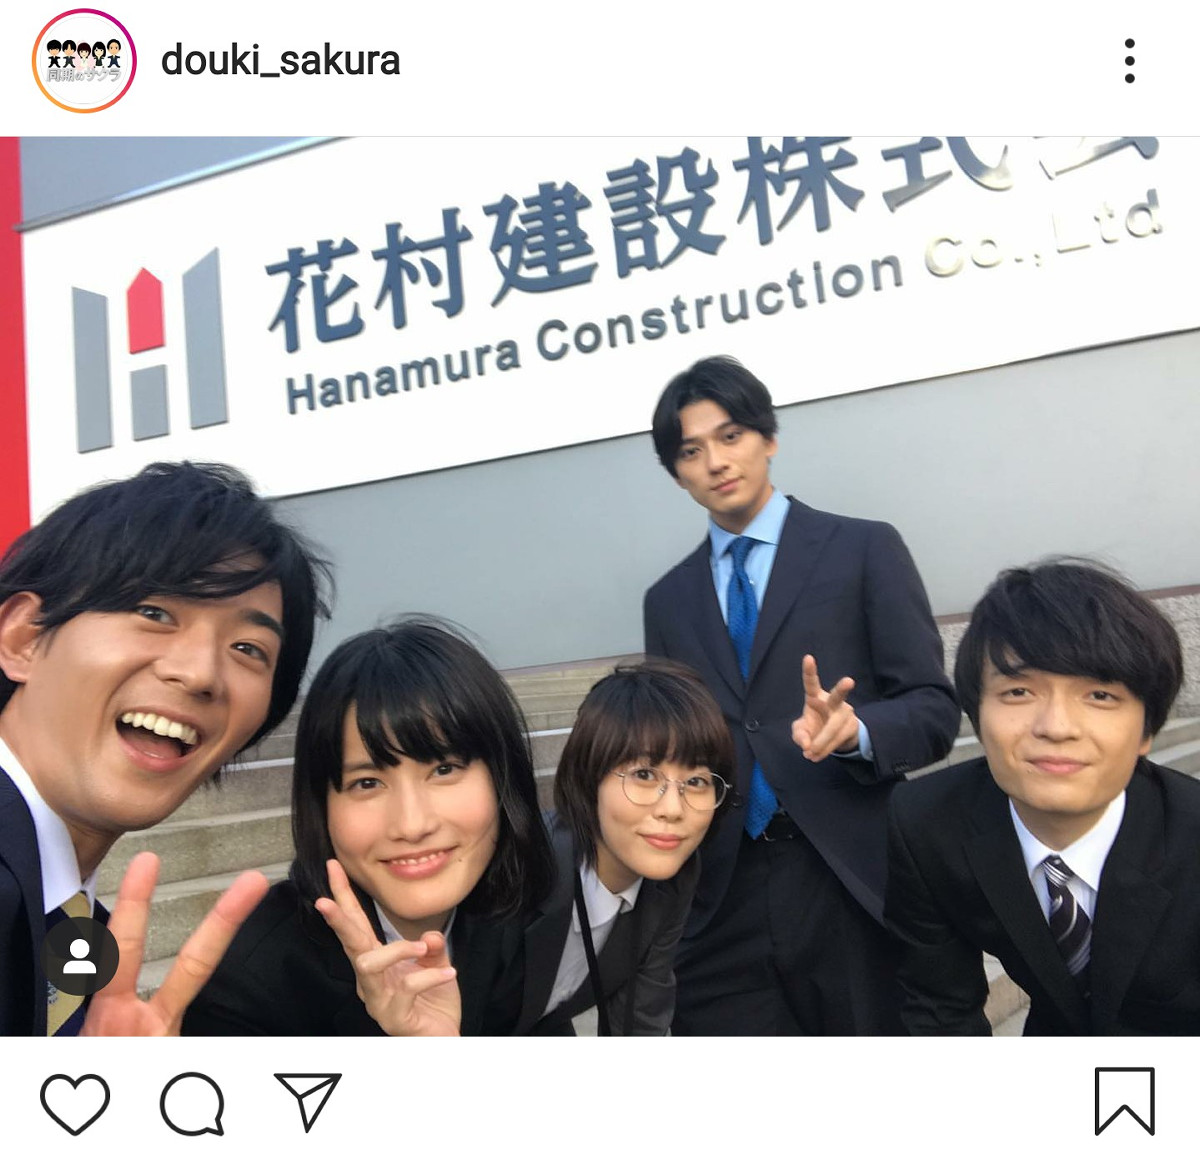 インスタグラムより@douki_sakura